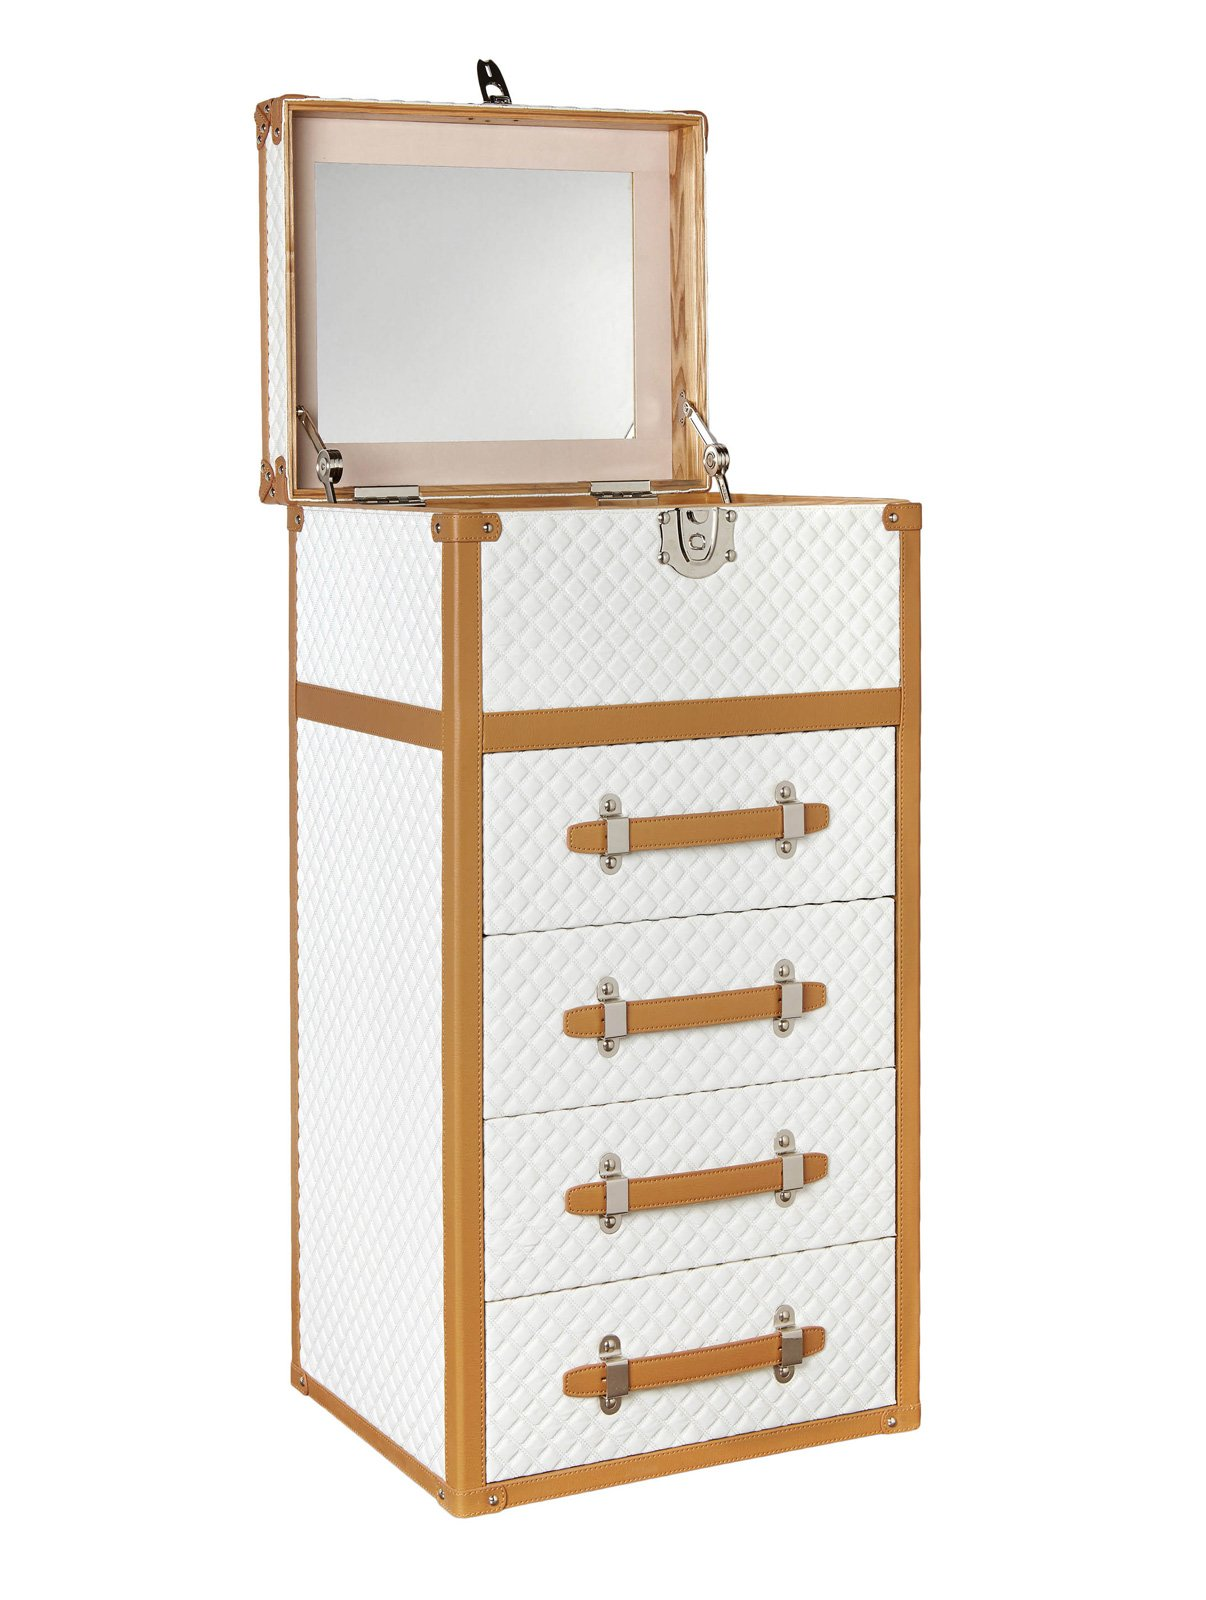 Mobili e accessori salvaspazio per la camera da letto for Mobili x camera da letto